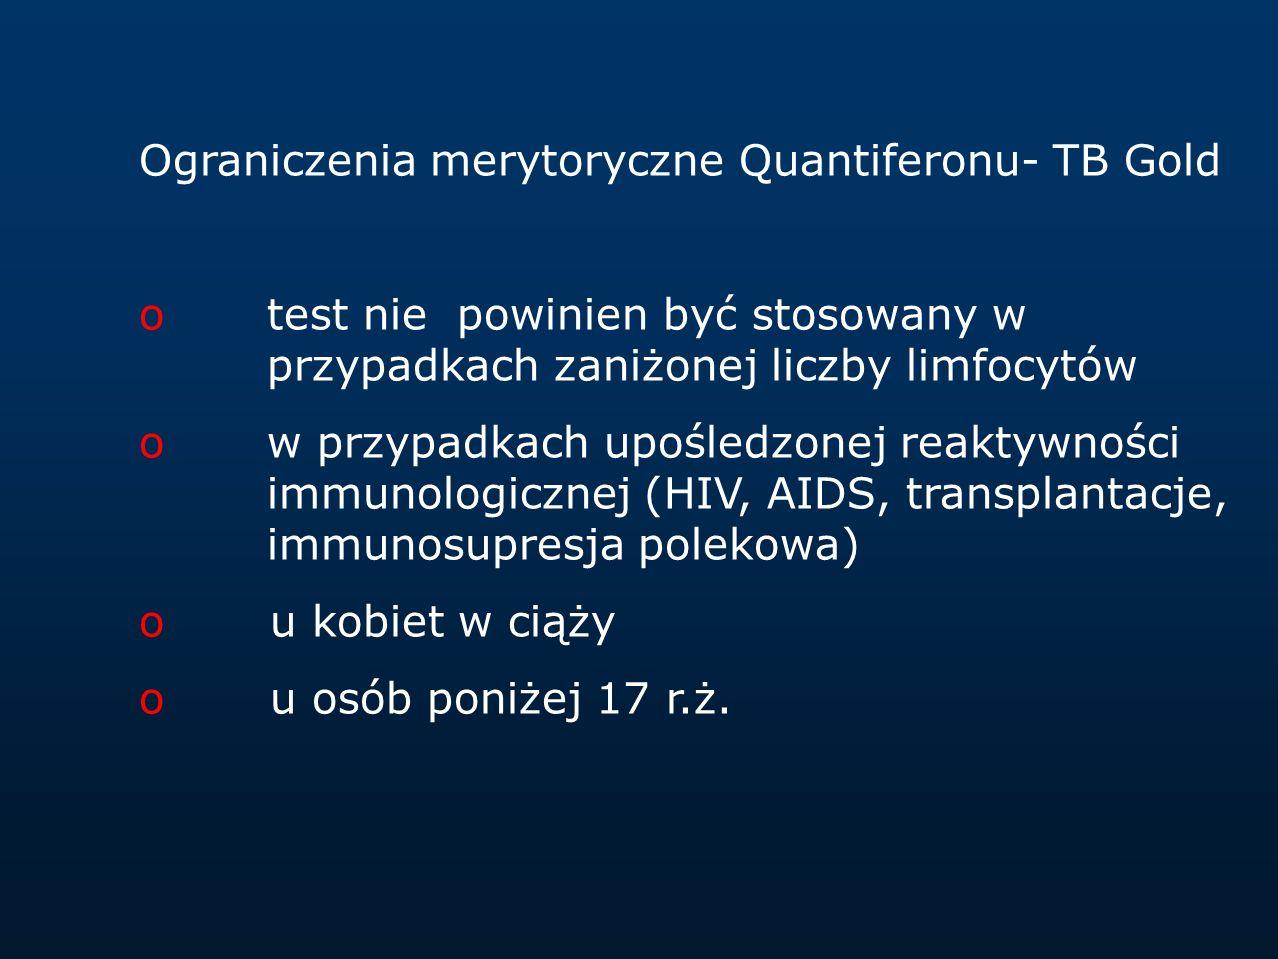 Ograniczenia merytoryczne Quantiferonu- TB Gold